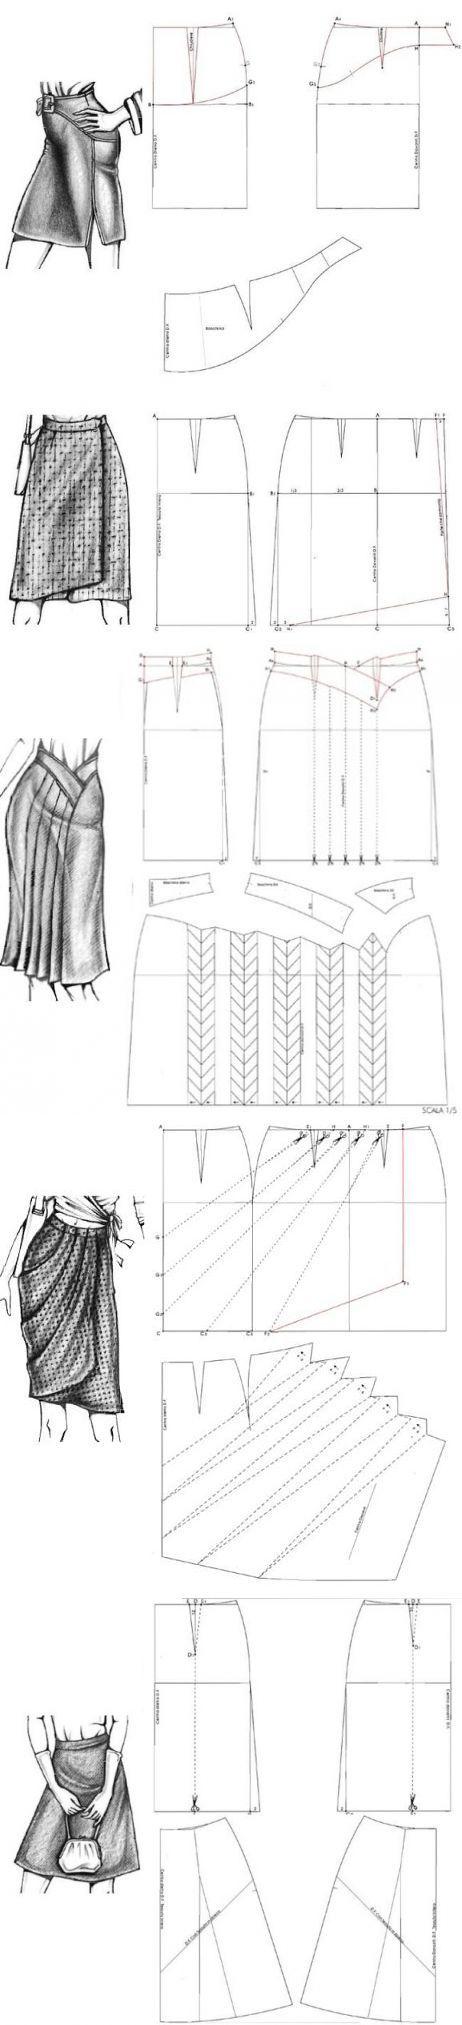 sewing skirts schemes...<3 Deniz <3